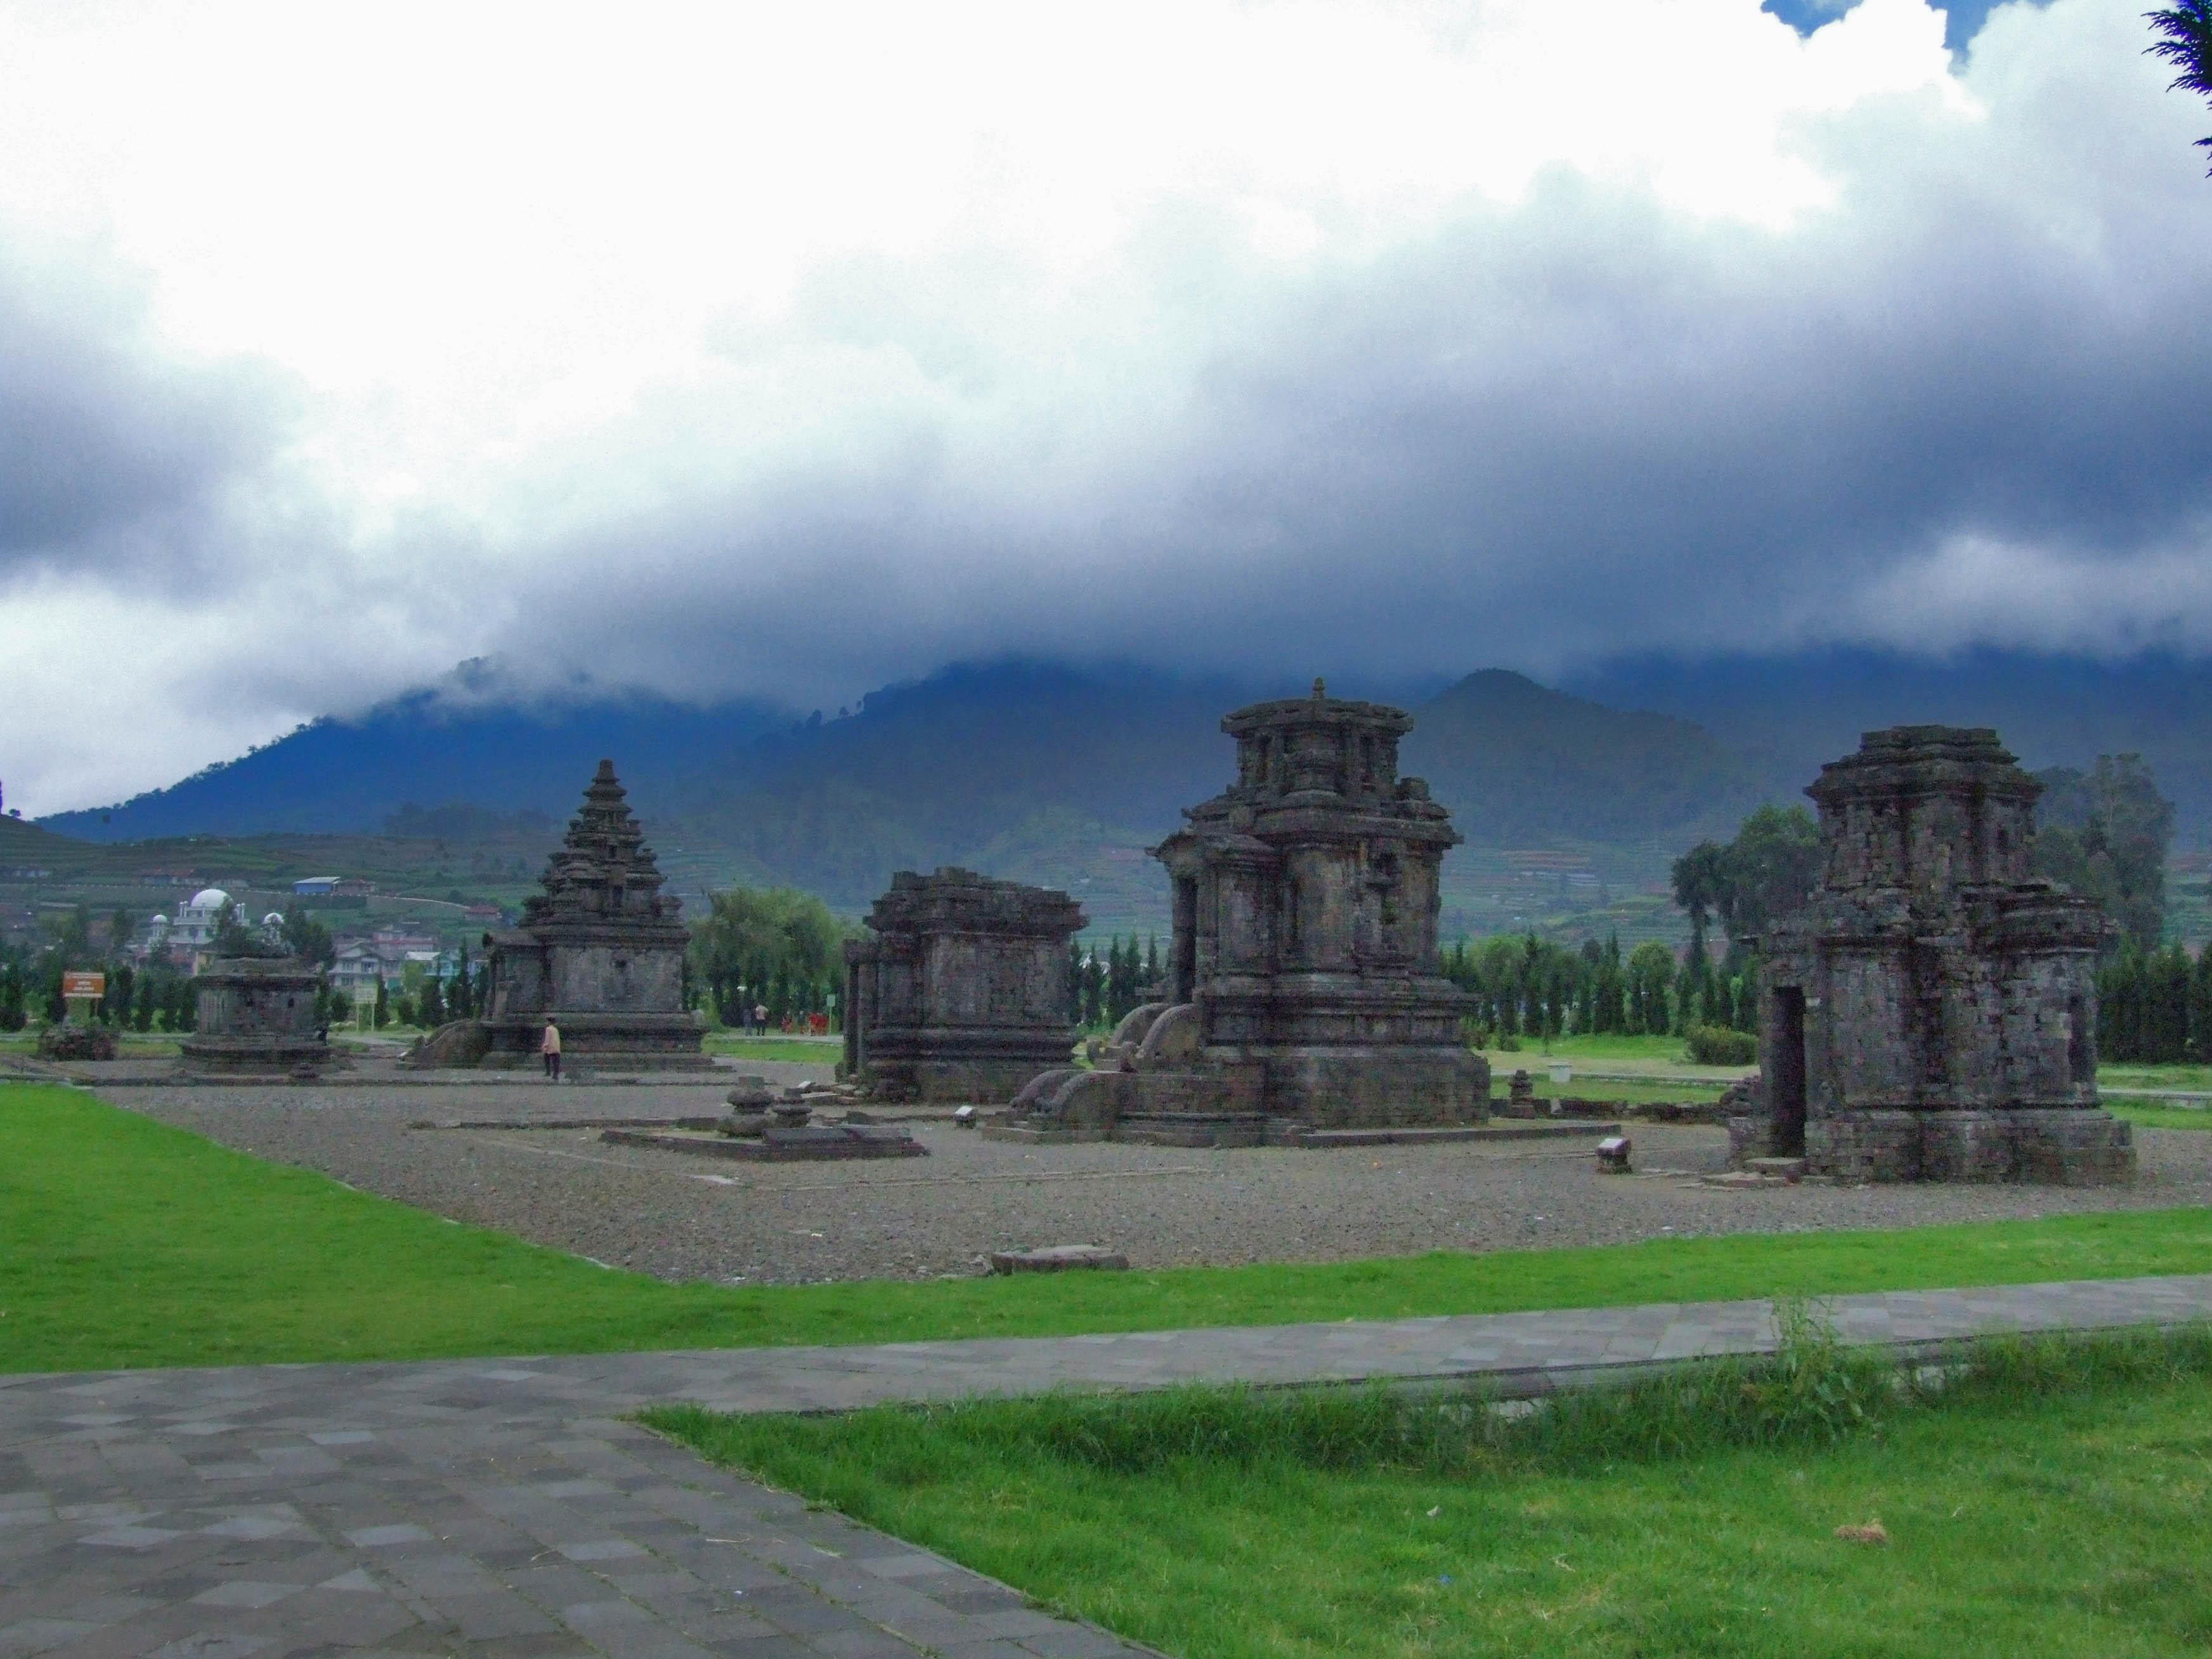 Templos de Arjuna, Meseta de Dieng, Java, Indonesia